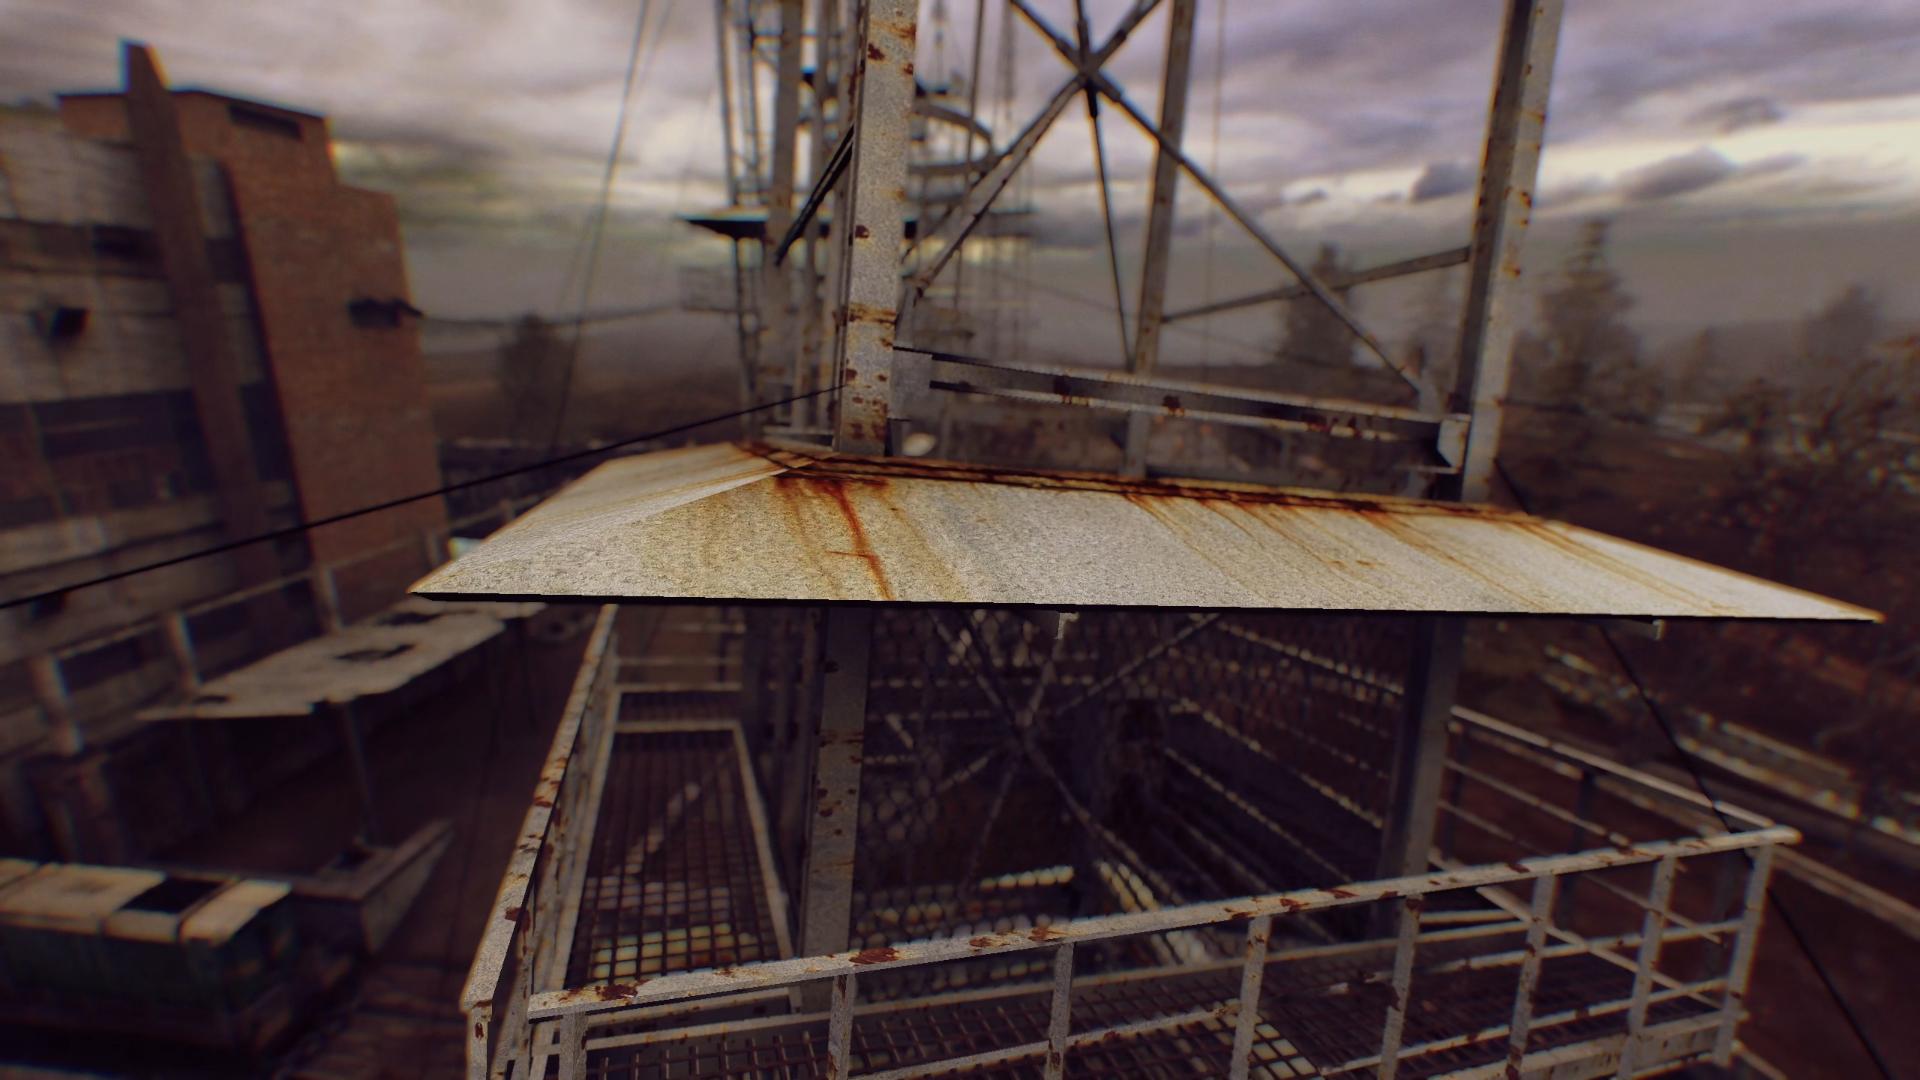 S.T.A.L.K.E.R. ENBSeries Game Music Video